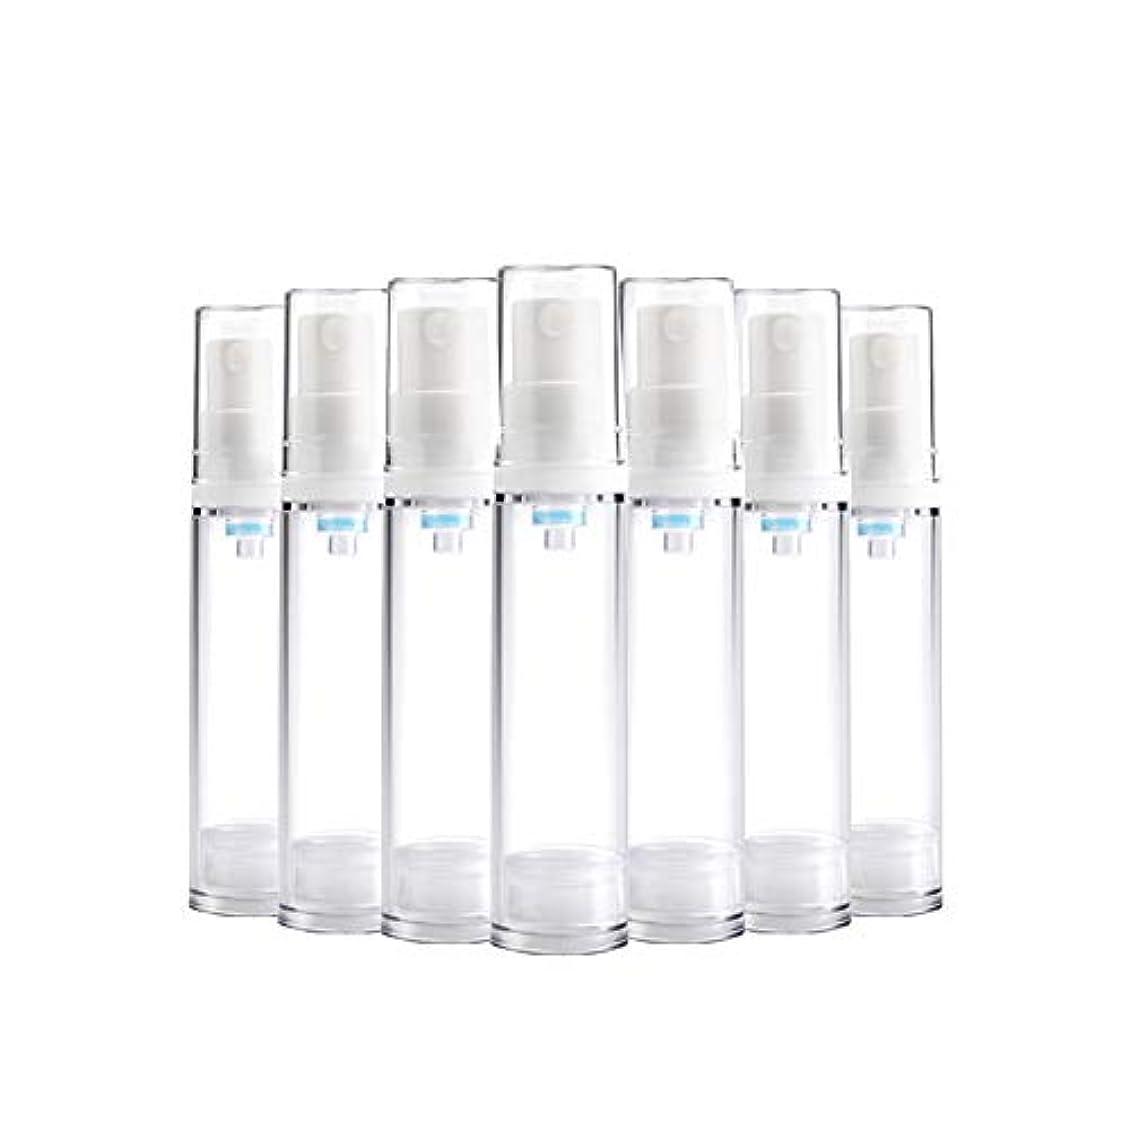 嘆く運河プレゼンター6 PCS熱望透明プラスチックエアロゾルスプレーボトルエアレスポンプスプレーボトル 詰め替えファインミストエアレススプレー(15ml 30ml) BPAフリー - 30 ml